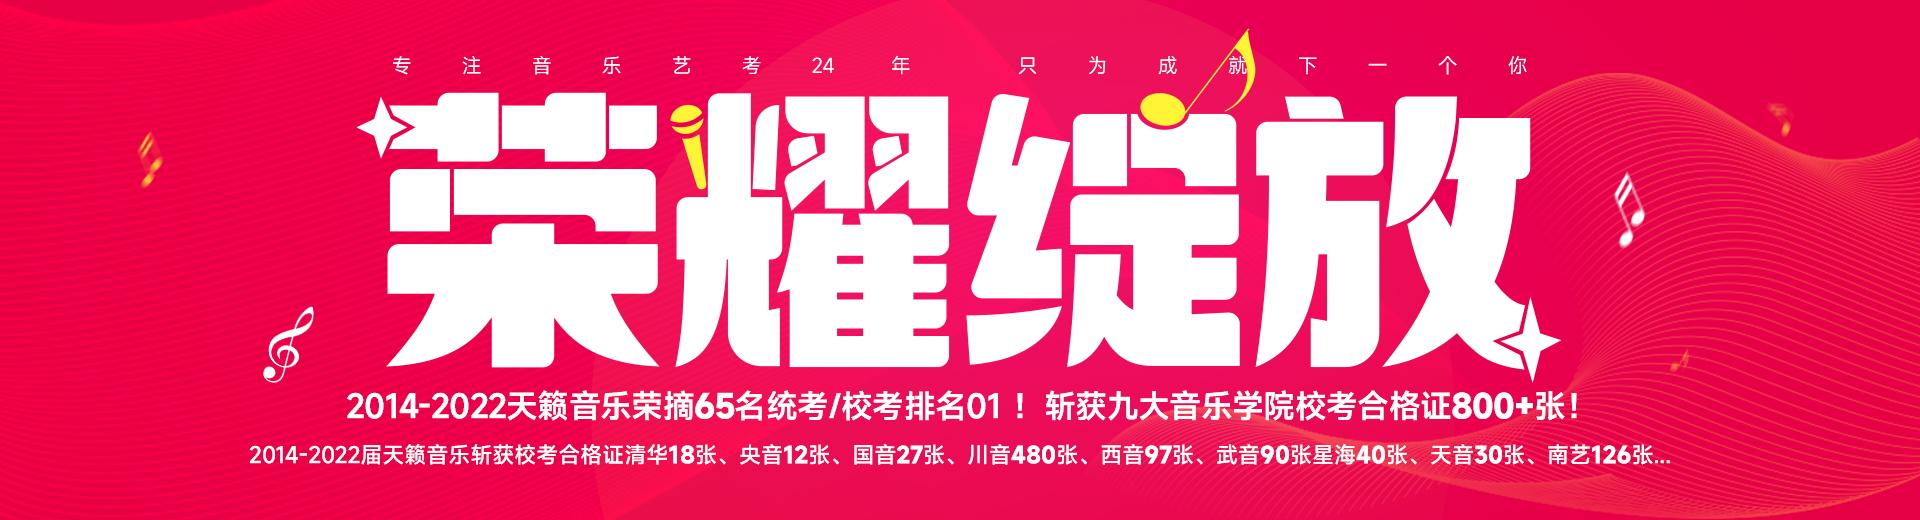 2020荣耀绽放